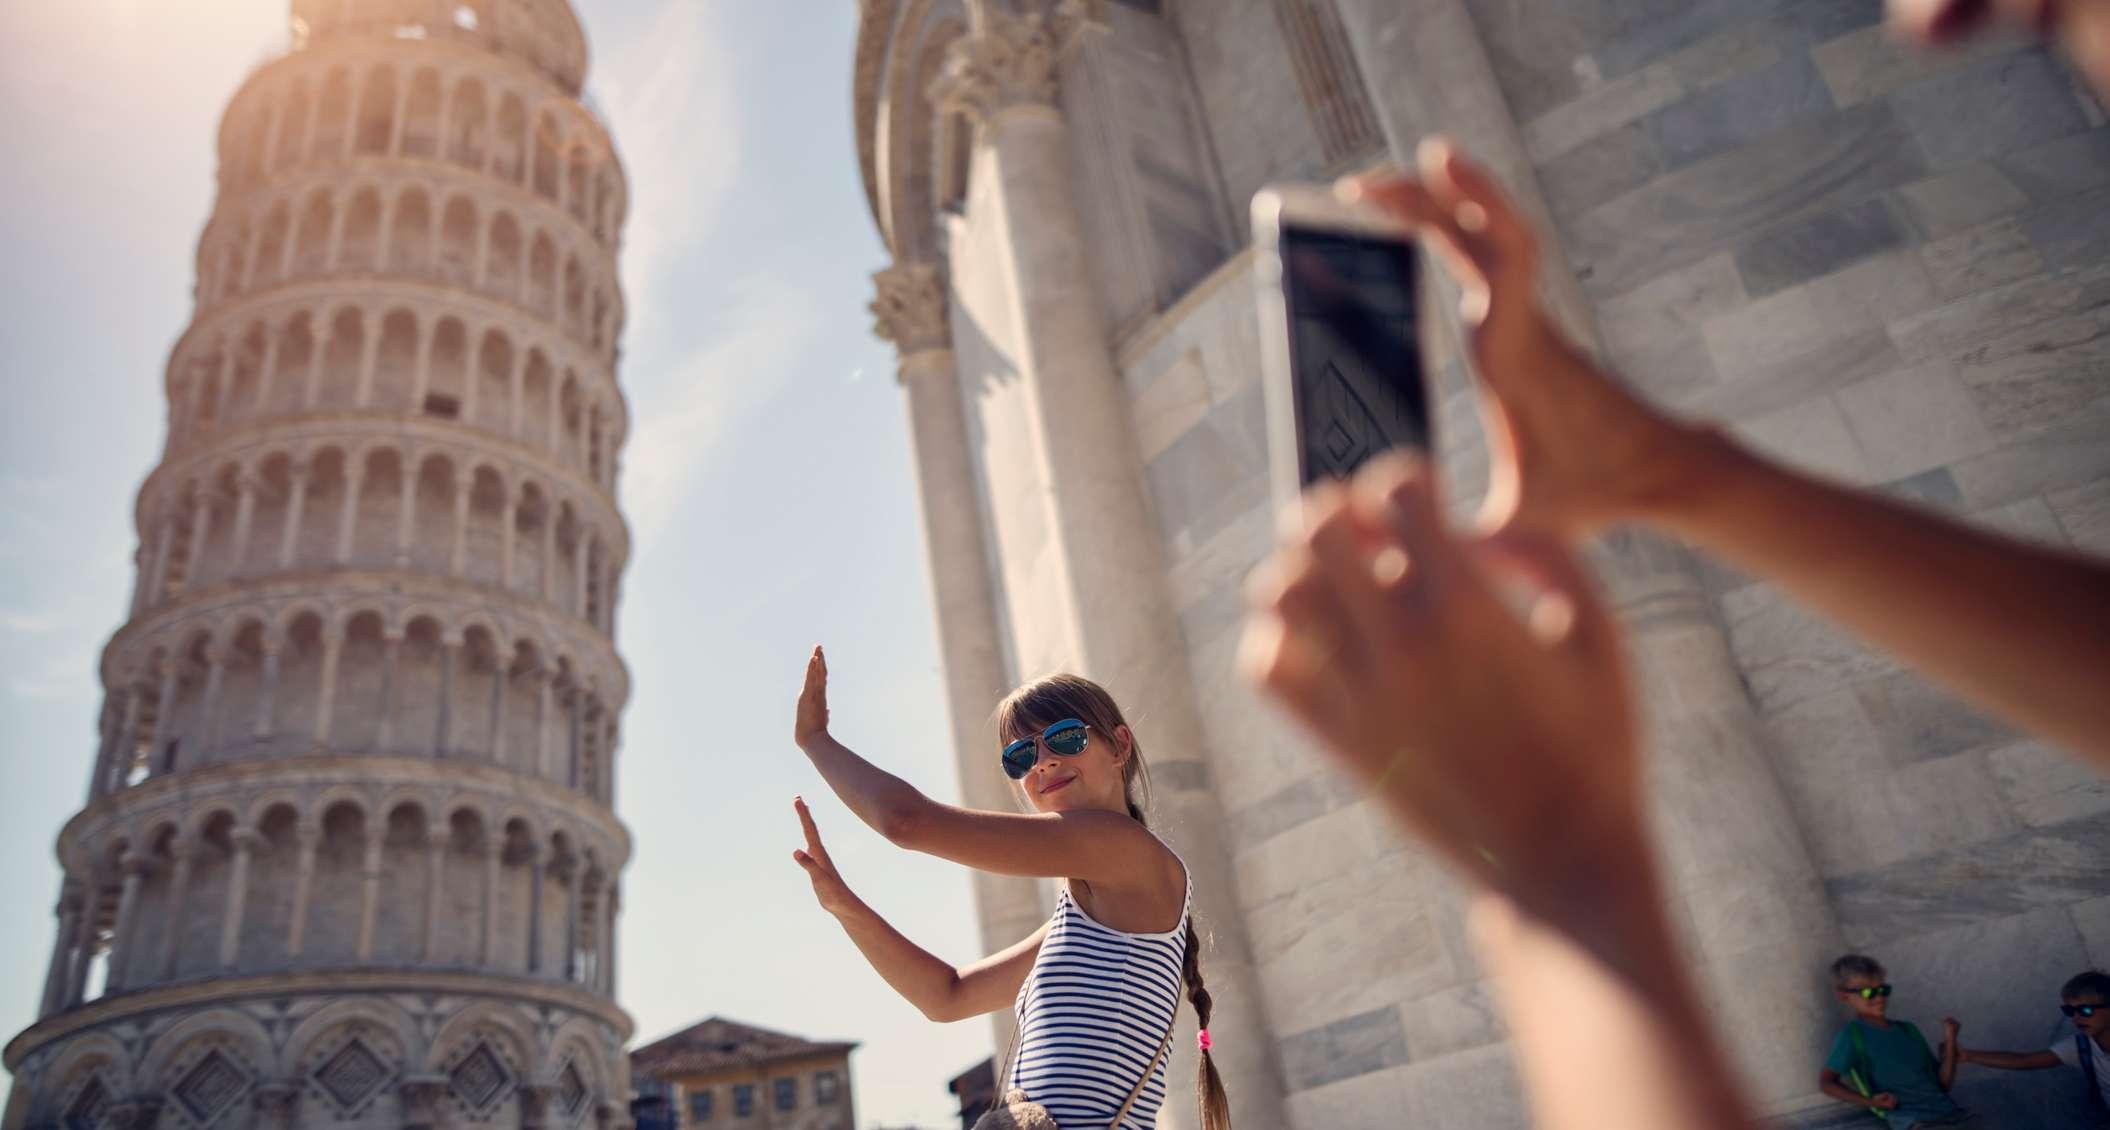 Junge Frau wird vor dem schiefen Turm fotografiert